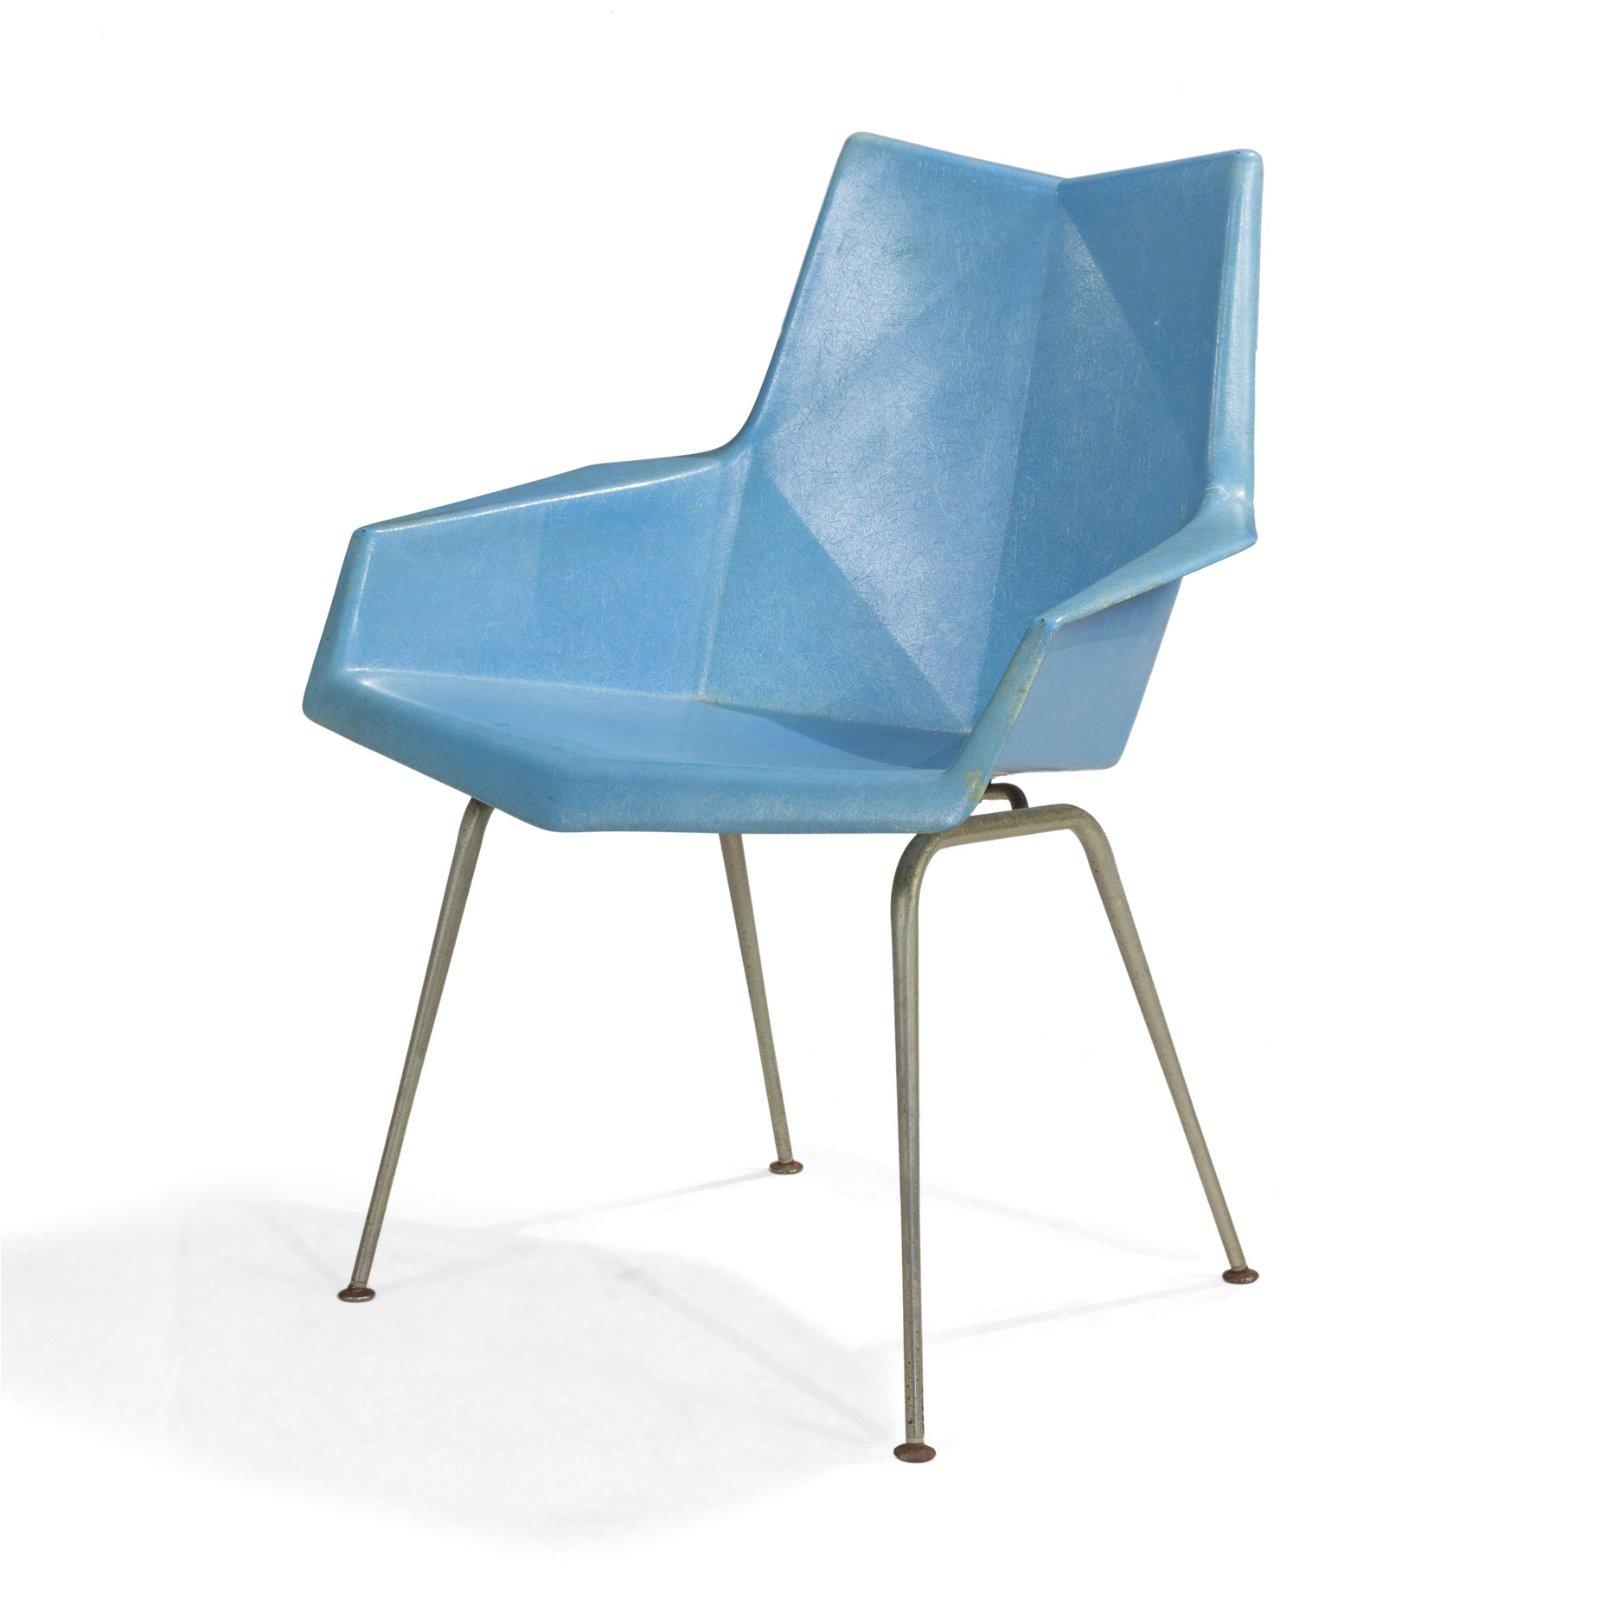 Paul McCobb - Origami Chair